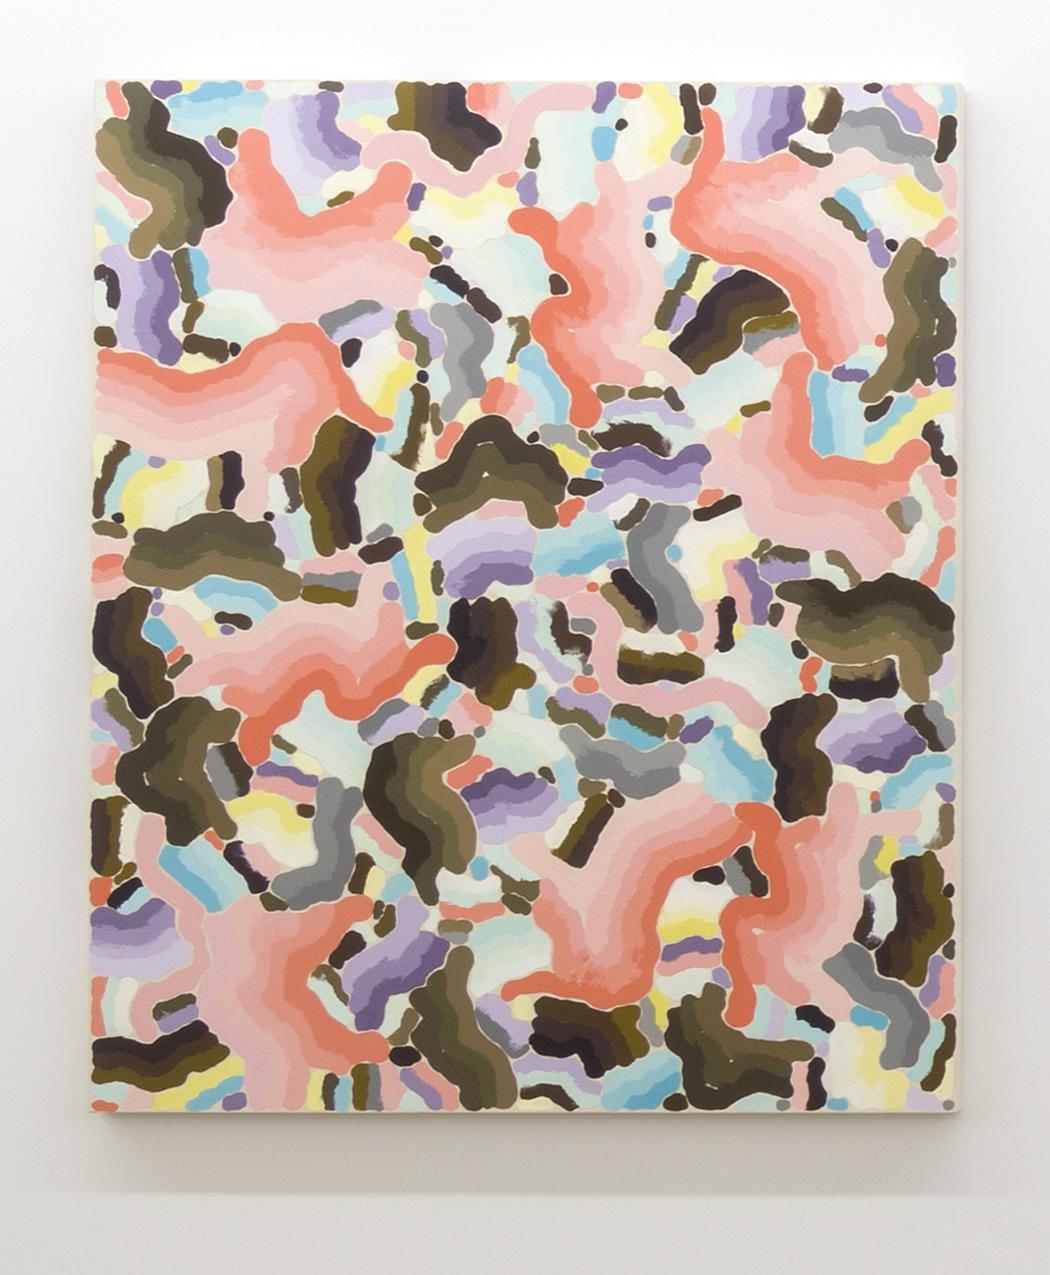 François Lacasse, Compilation VIII, 2010, huile sur toile, 139,7 x 111,8 cm / 55 x 44 pouces